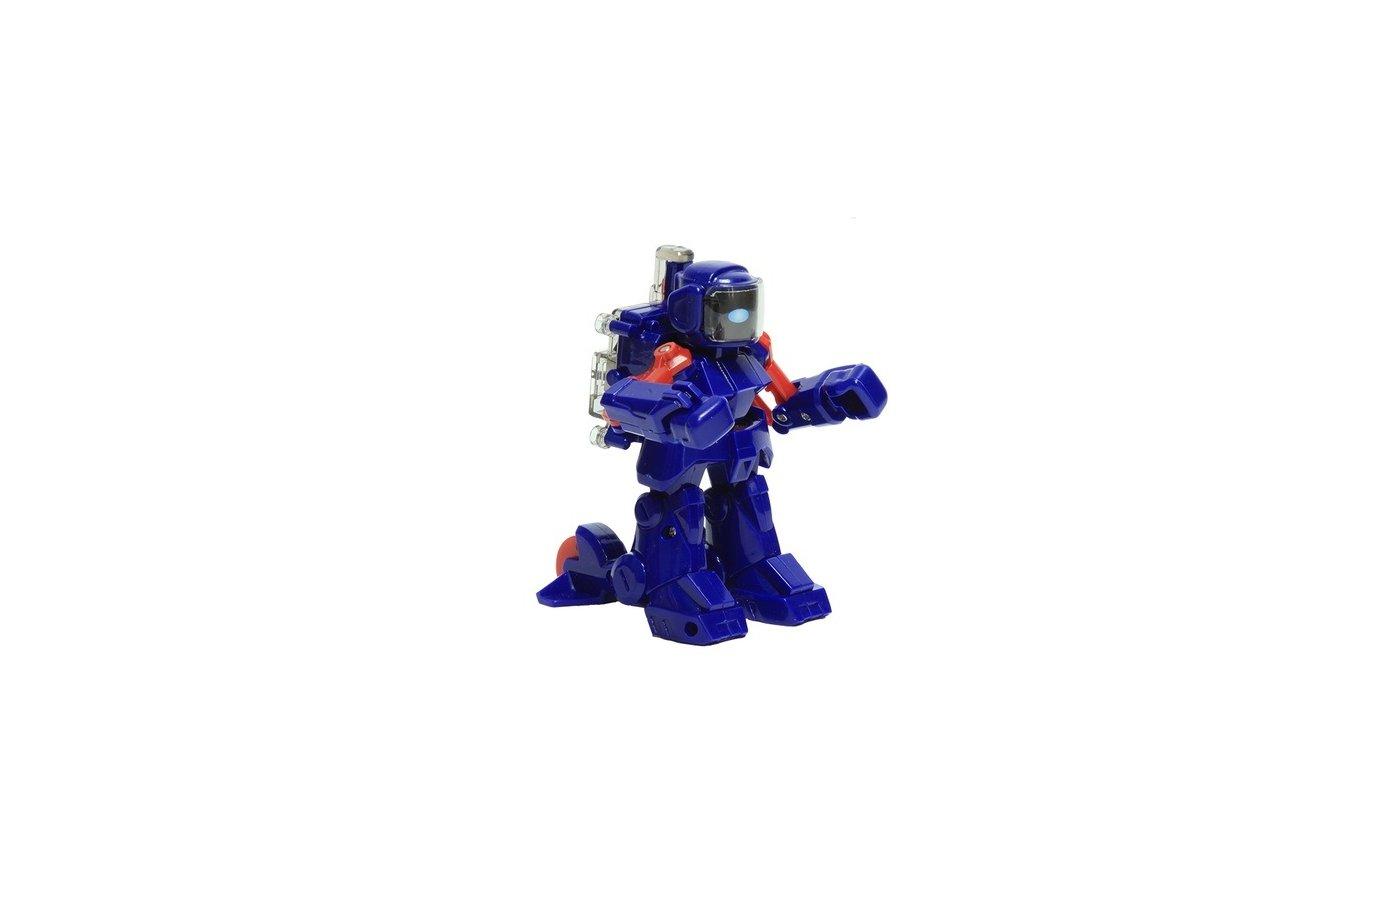 Робот Mioshi Tech MTE1204-105 Робот и/к Боевой робот. Участник синий